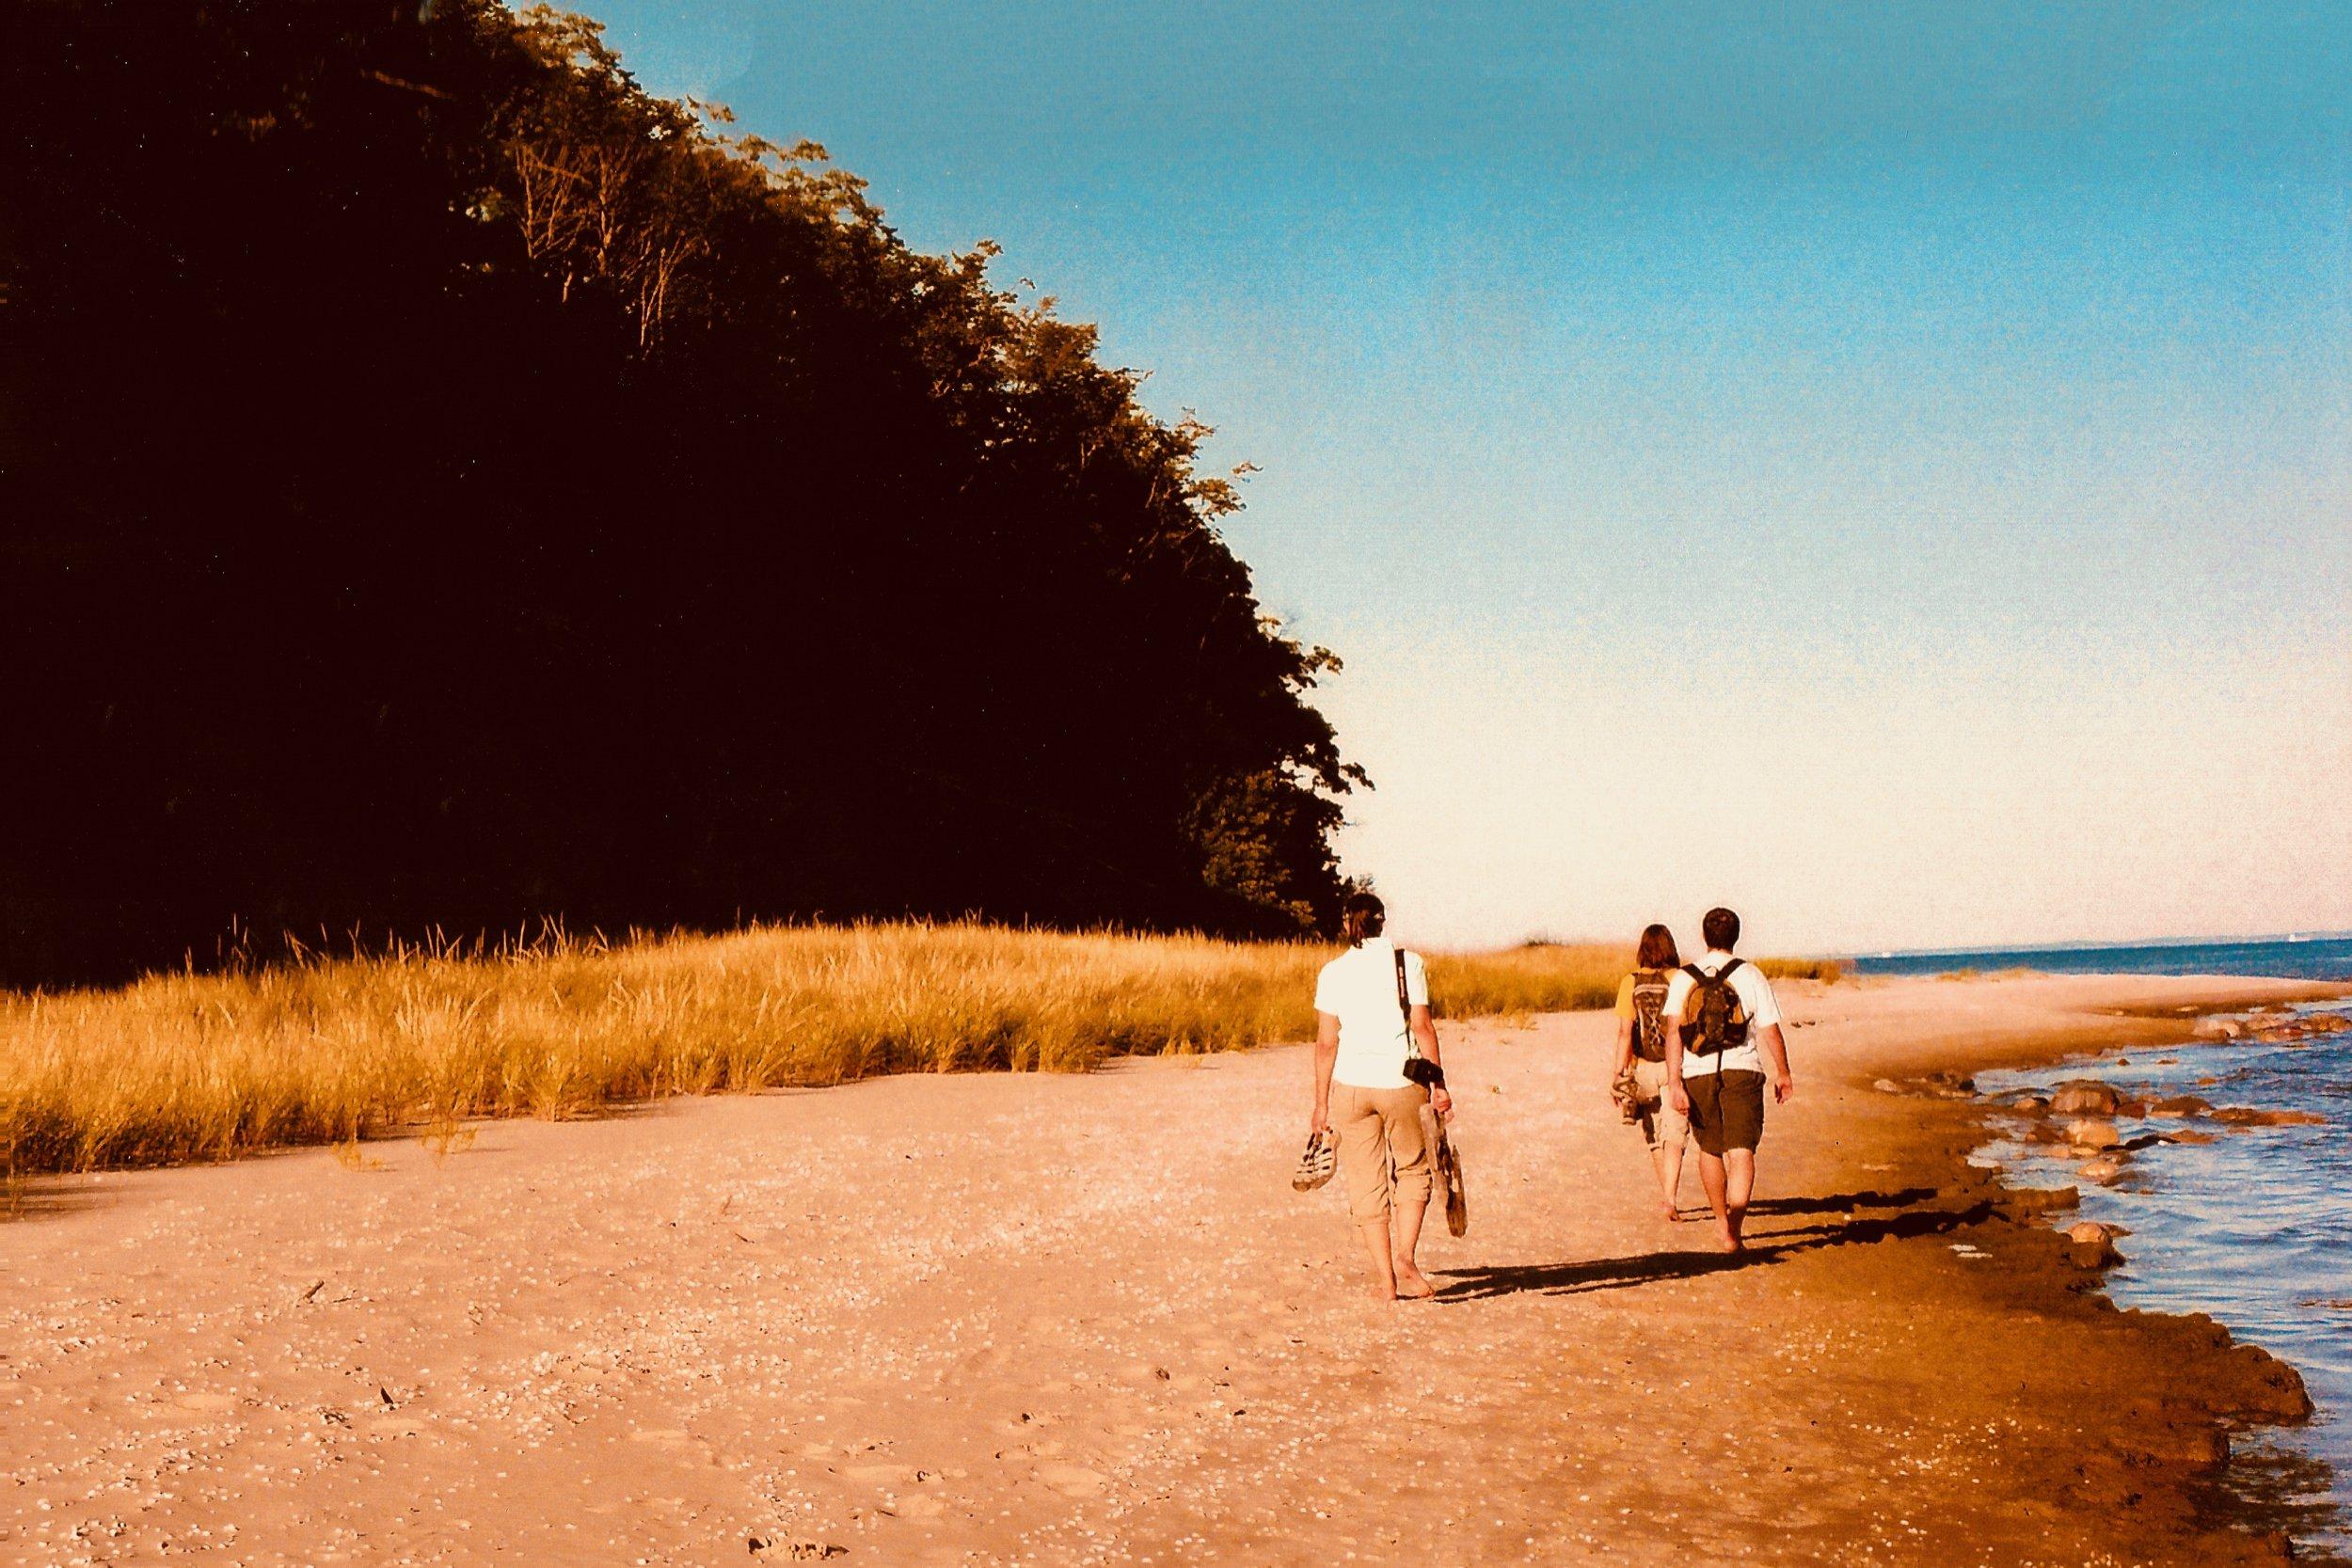 Lake group medoc surf holiday.jpg